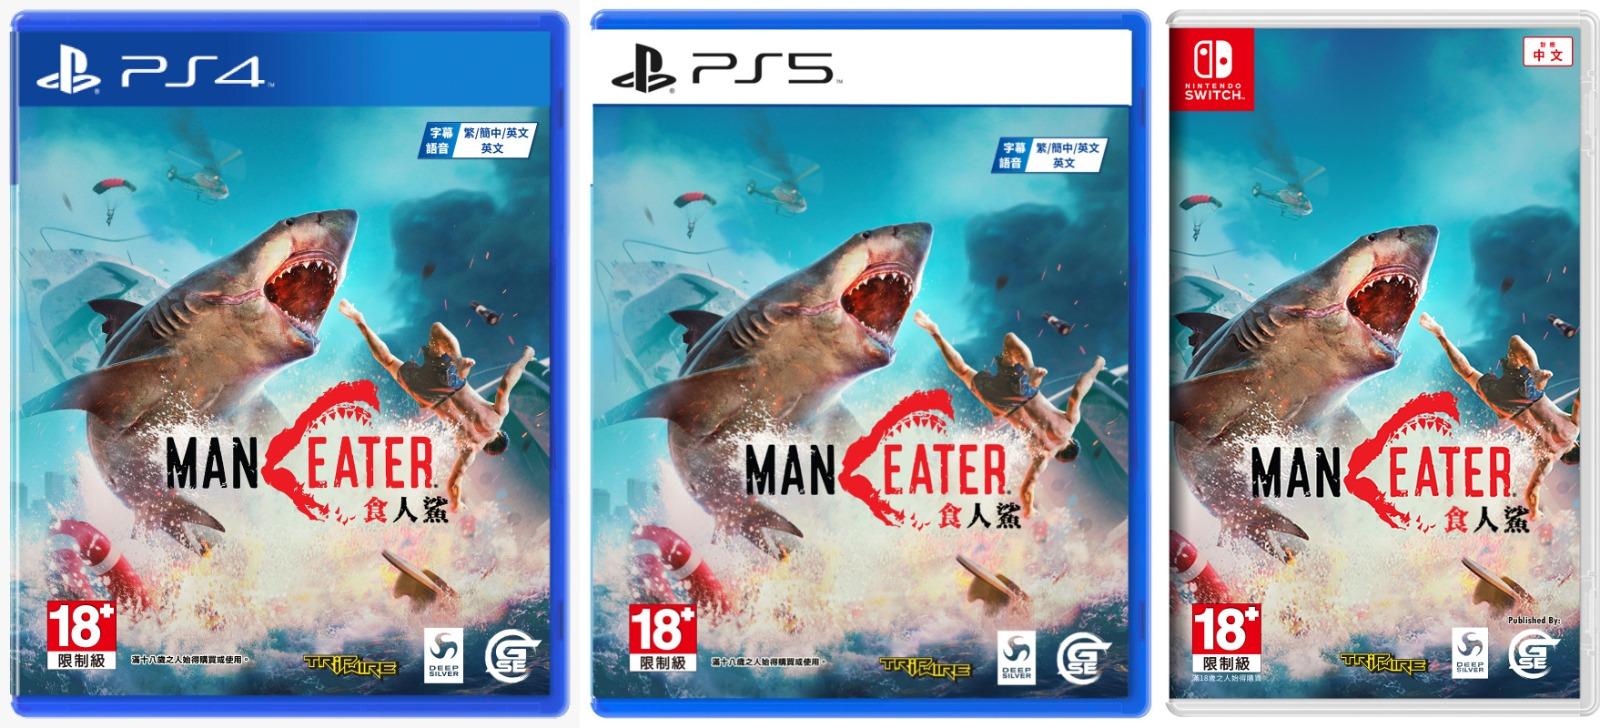 食人鯊,Maneater,PS4,PS5,NS,GSE,